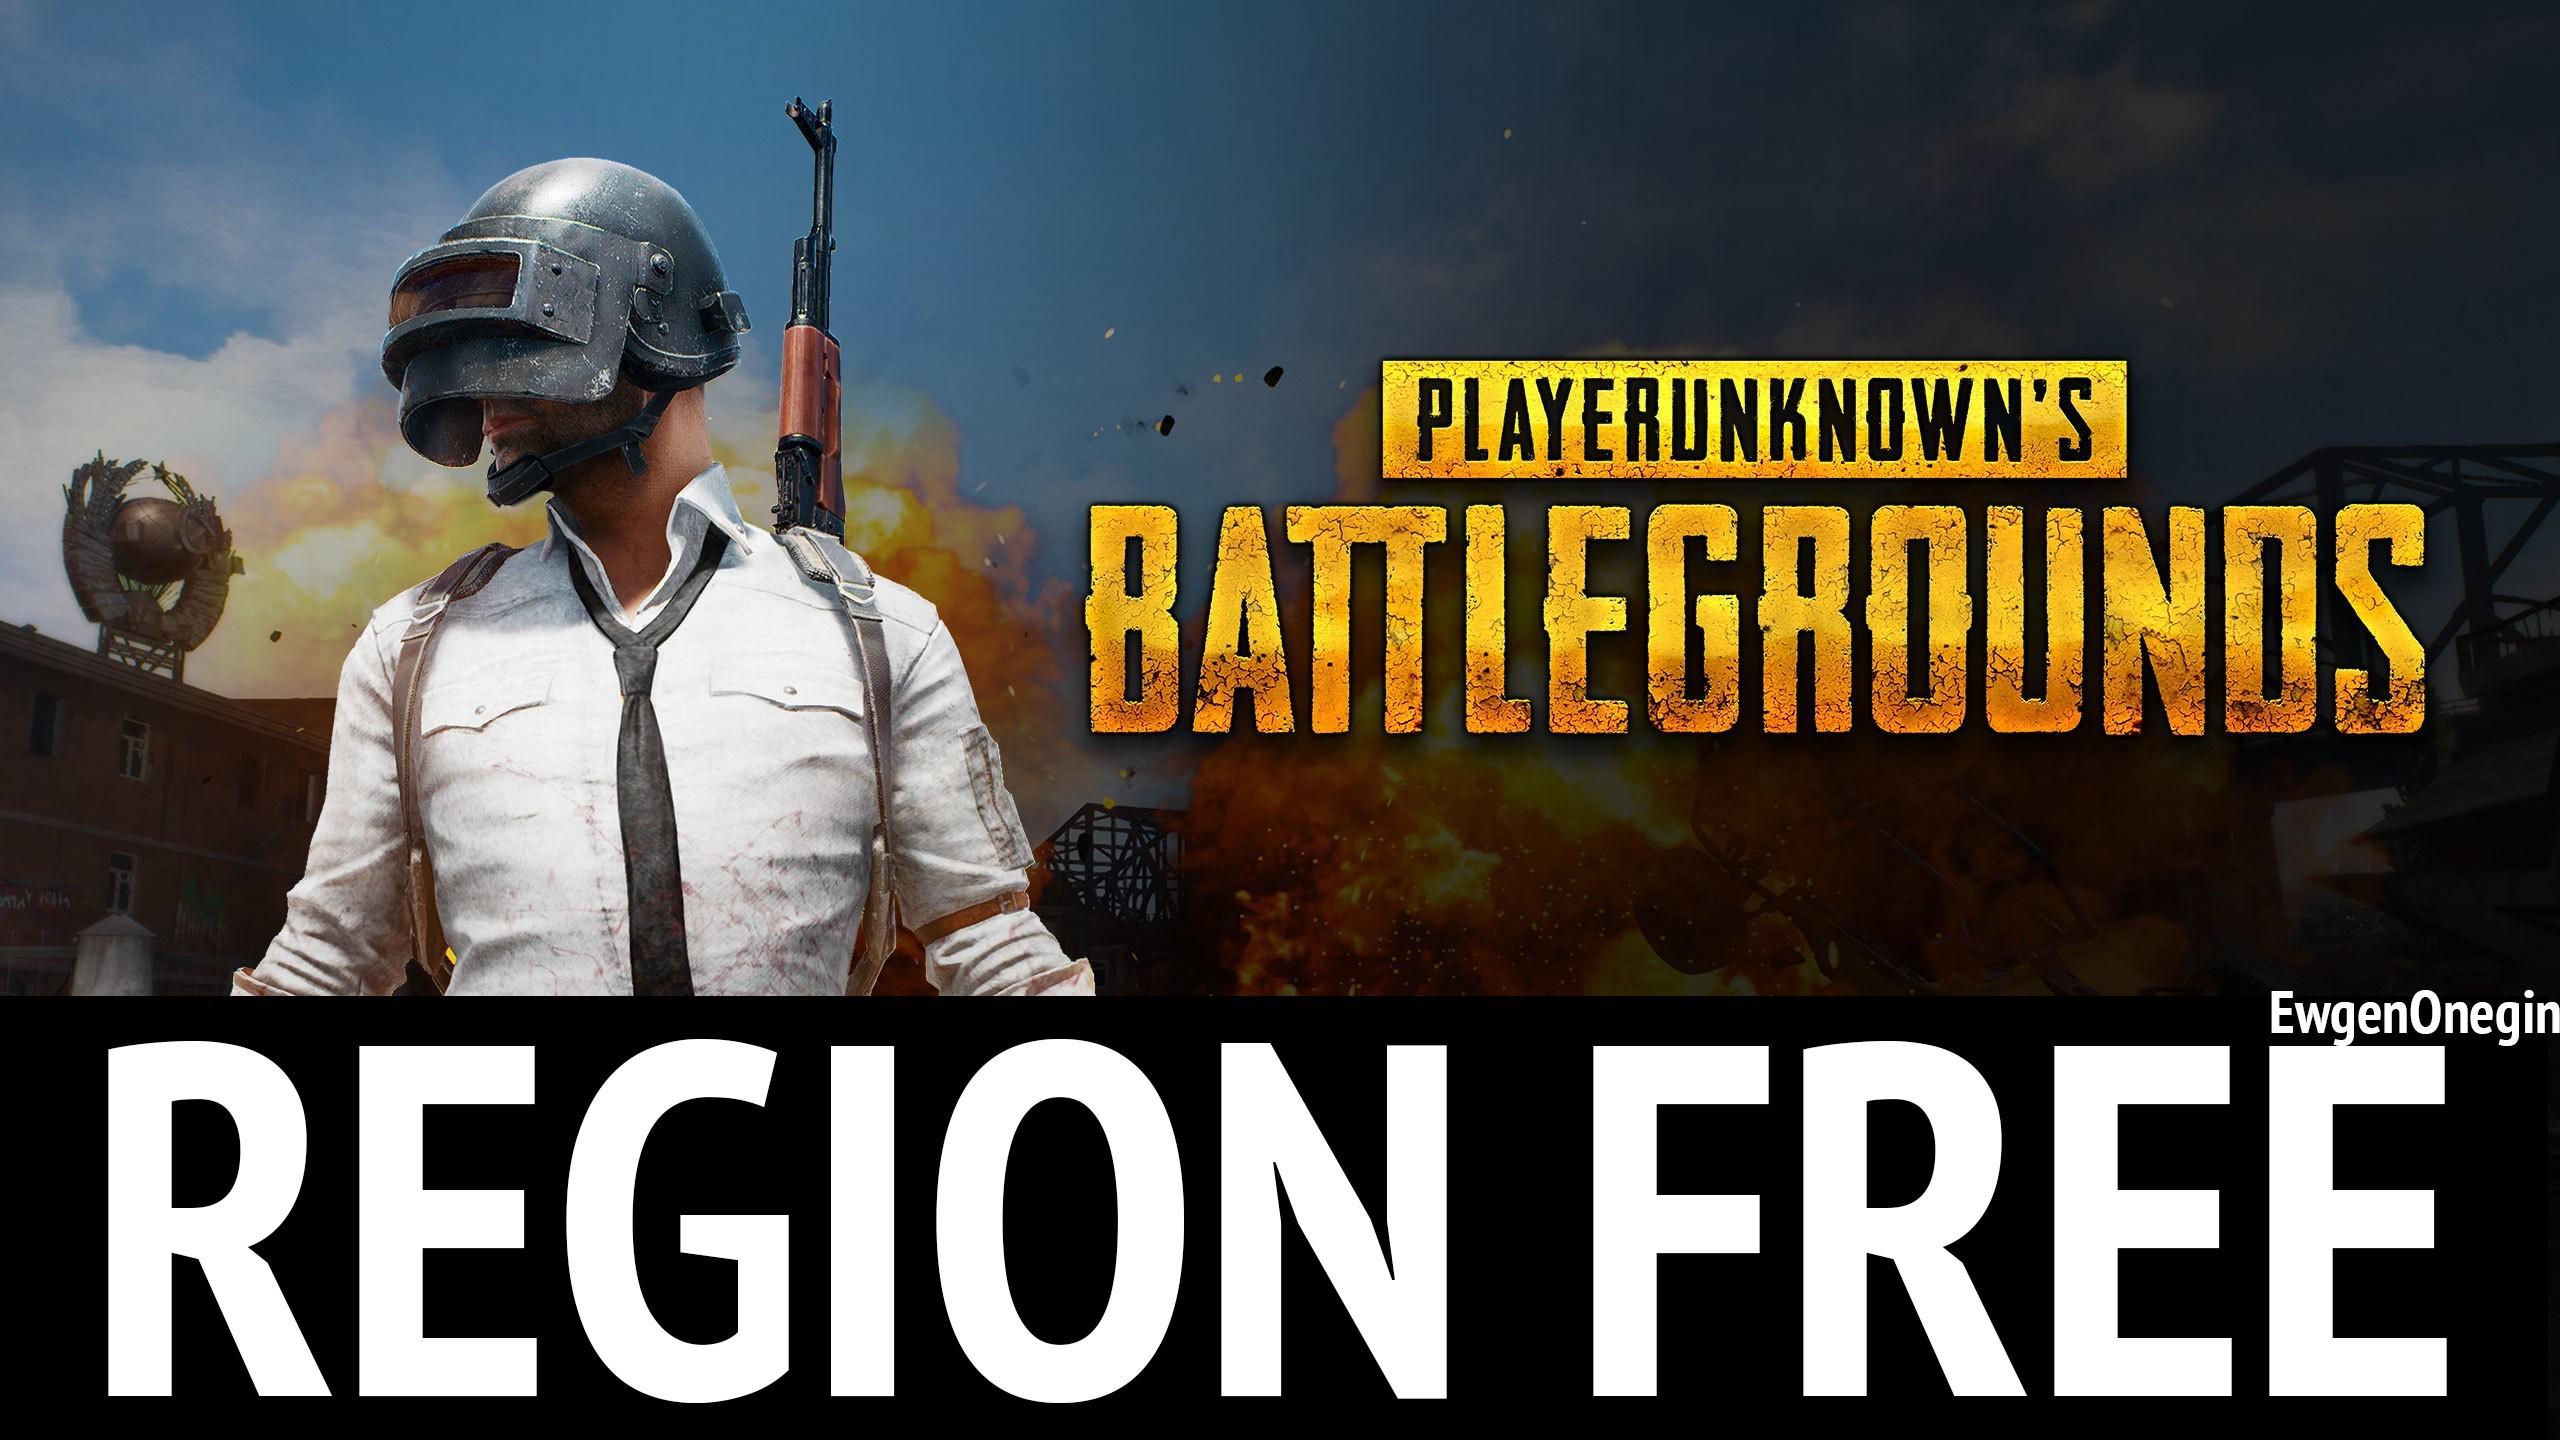 PLAYERUNKNOWNS BATTLEGROUNDS Free Region (New account)